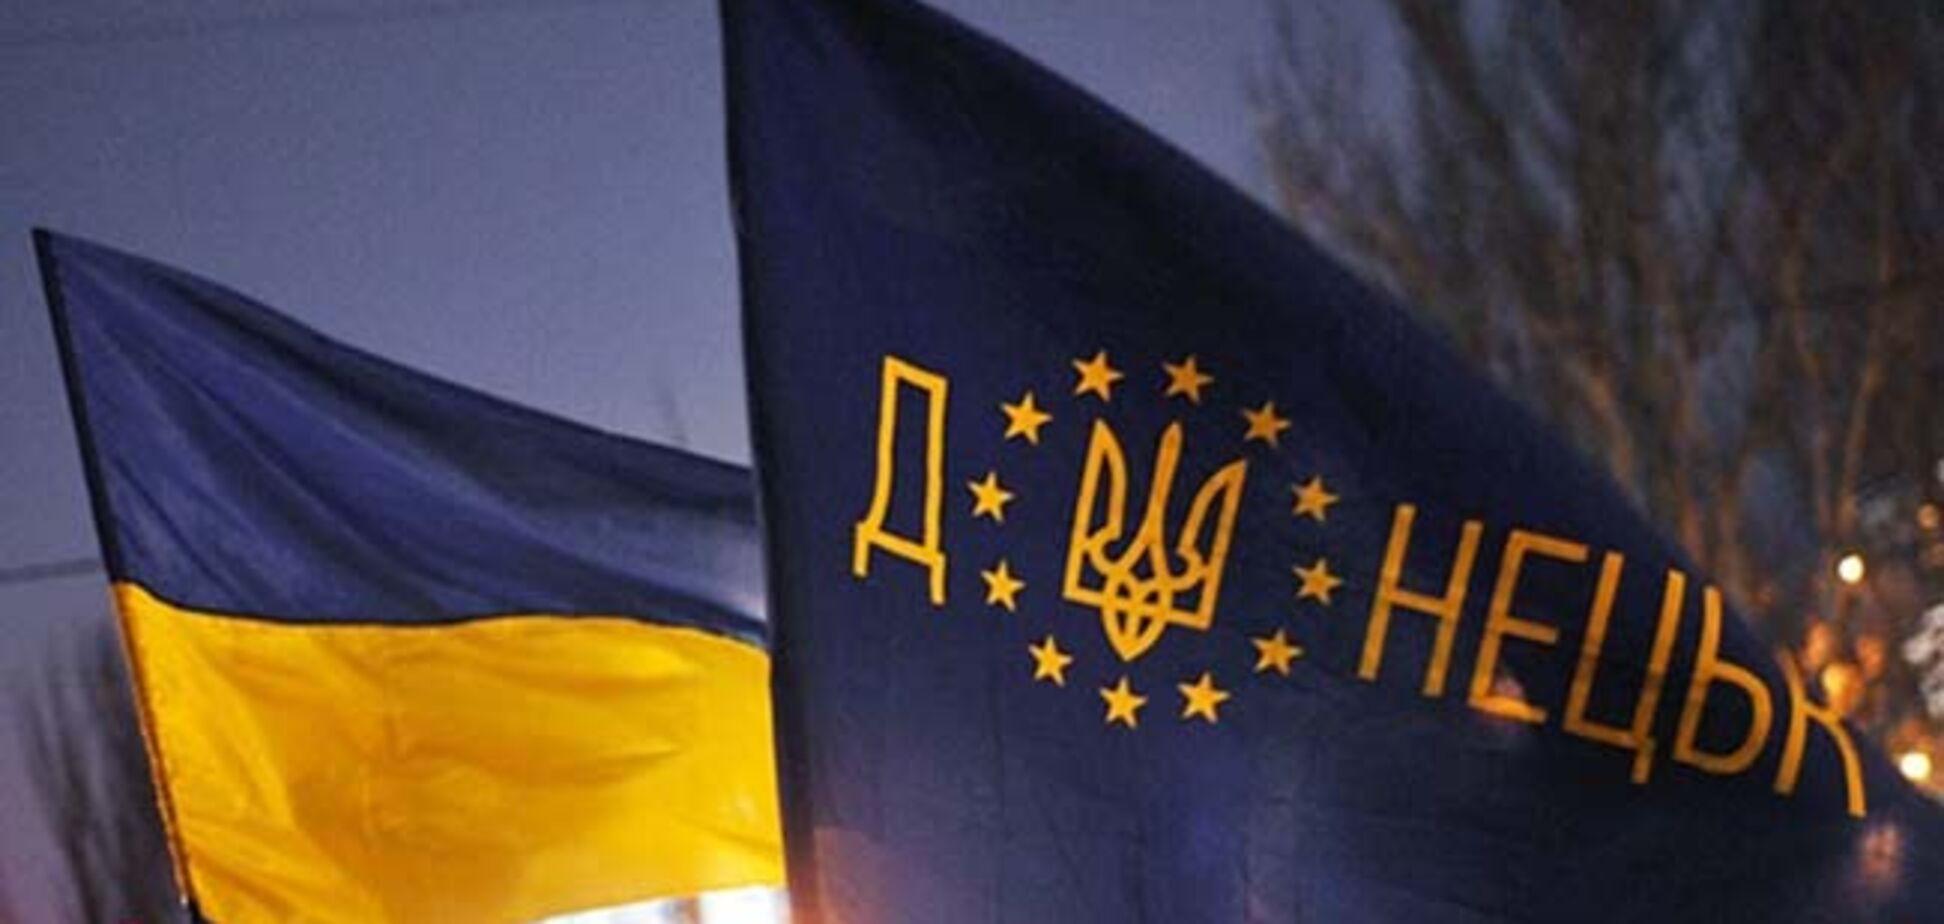 'Сердце щемит': пронзительное фото освобожденного из плена украинца растрогало соцсеть